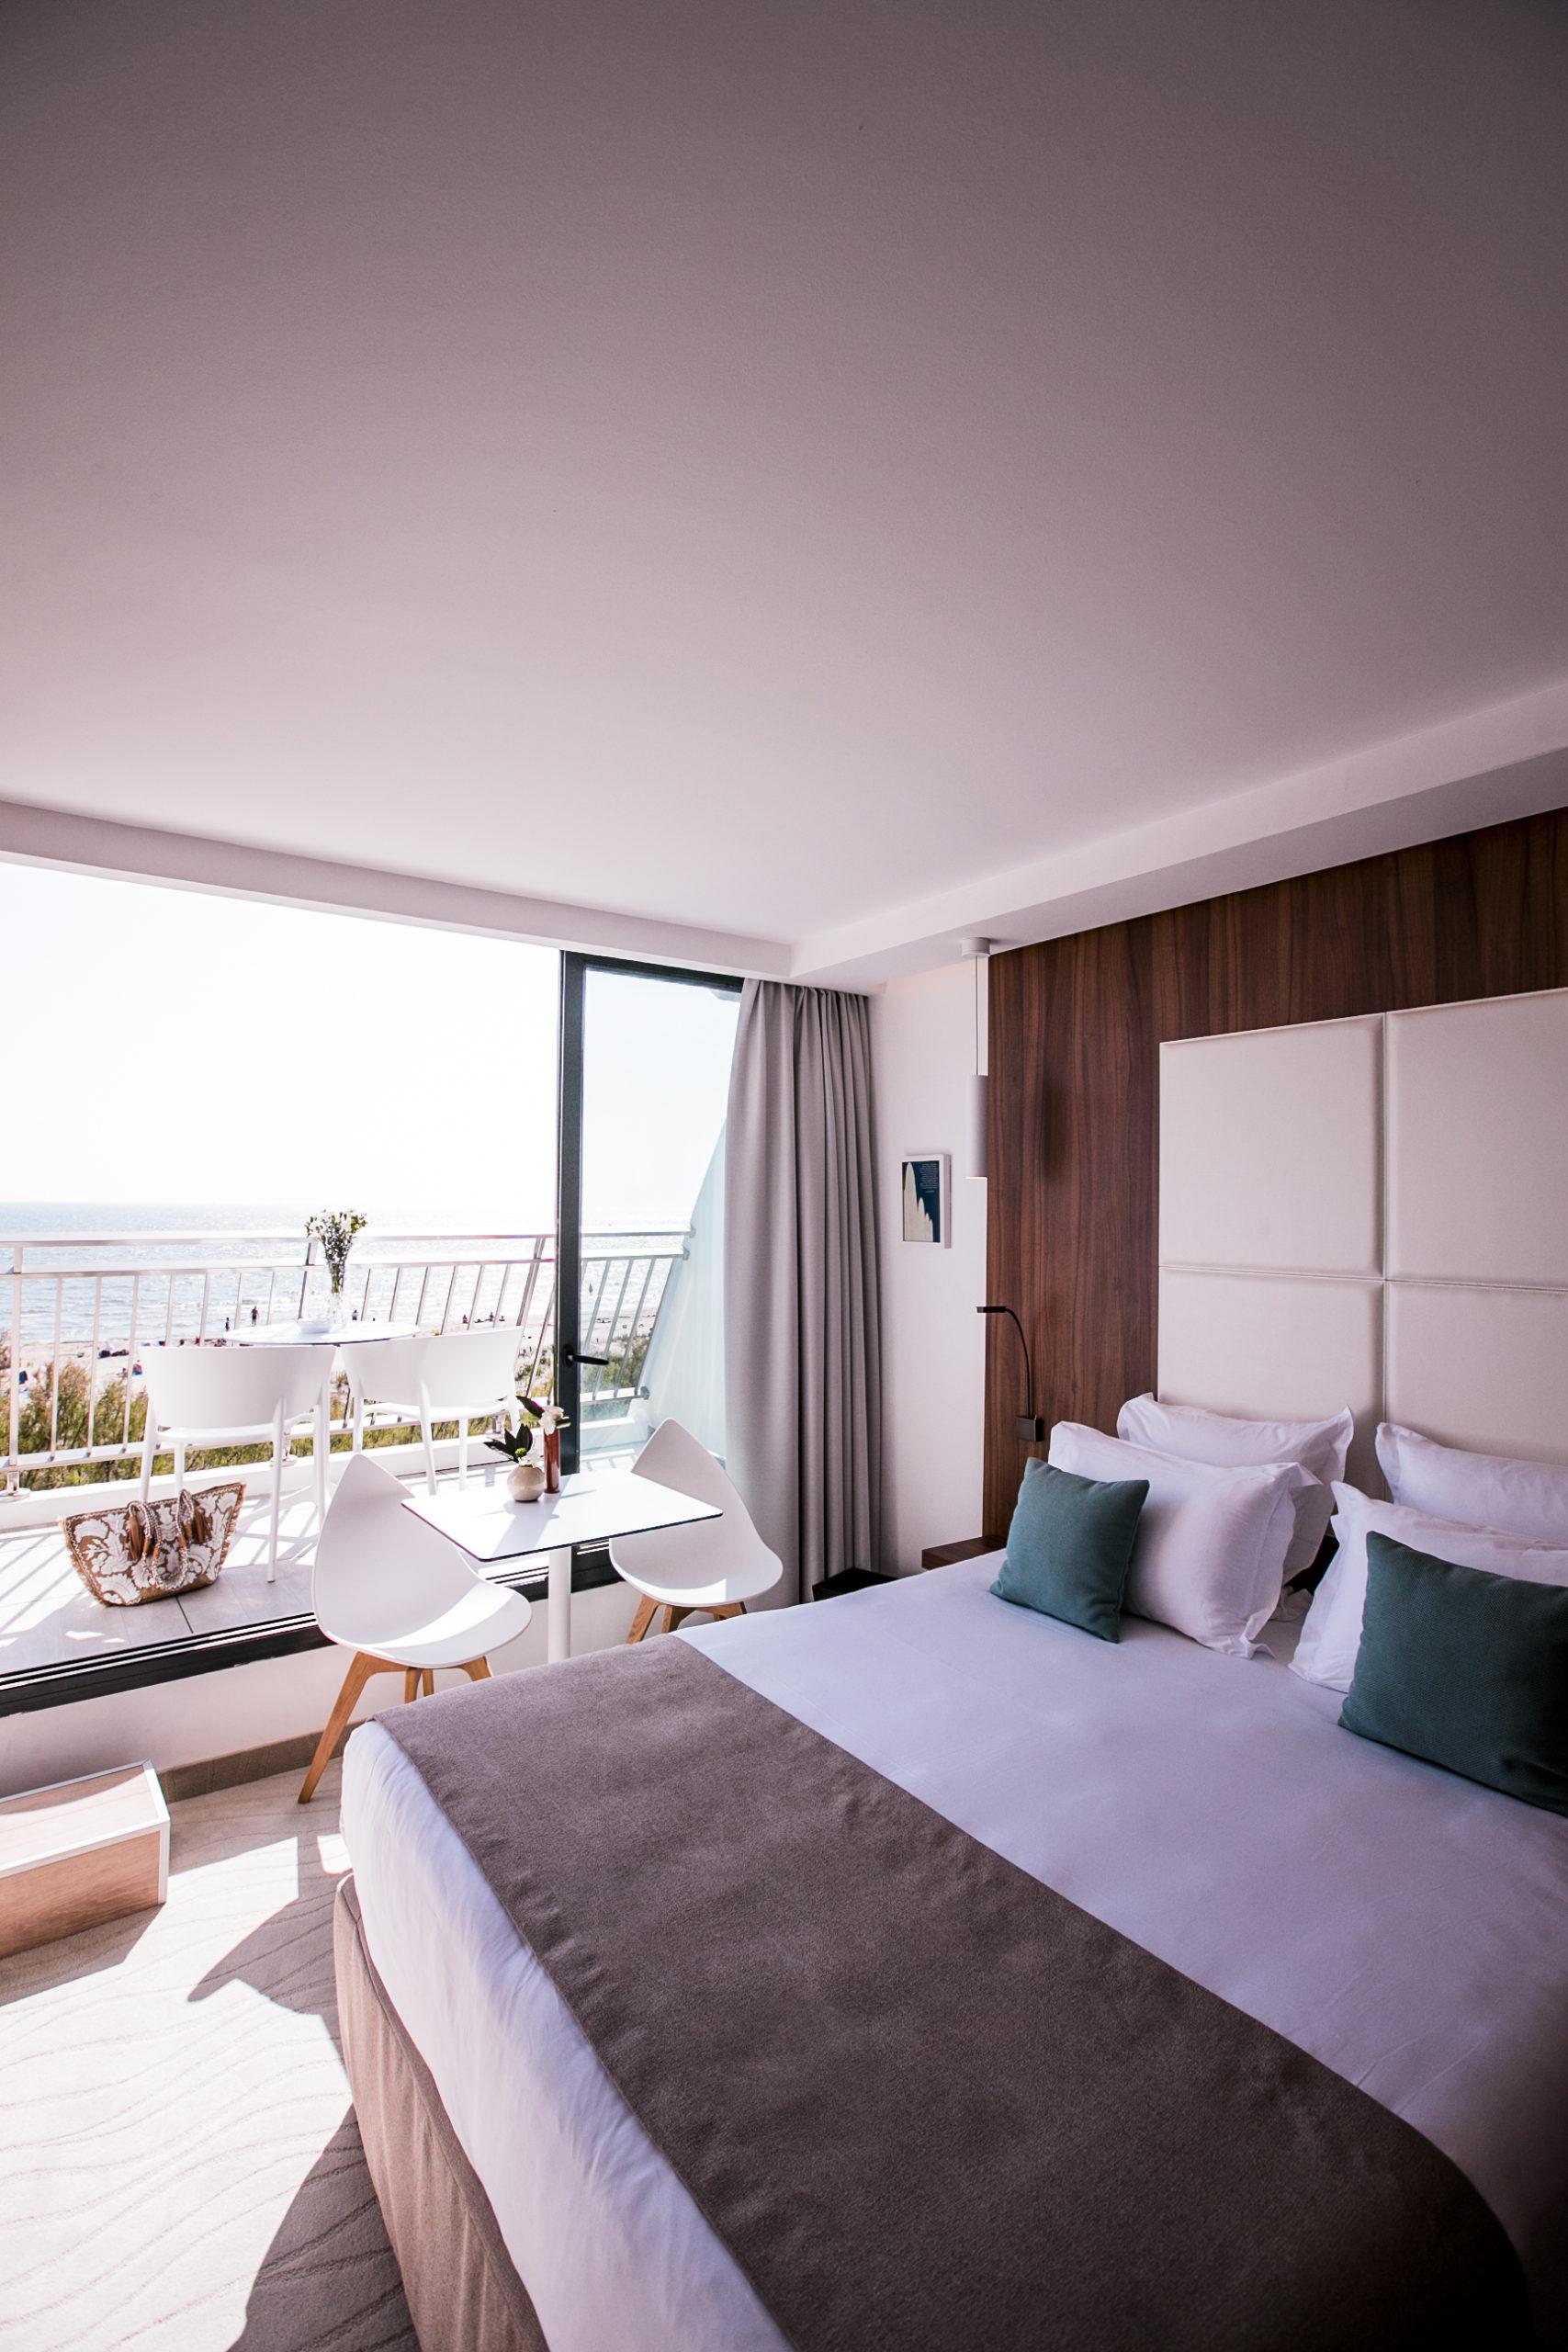 Chambre avec lit double et balcon vue sur la mer, hotel plage méditerranée, Hôtel La Plage.